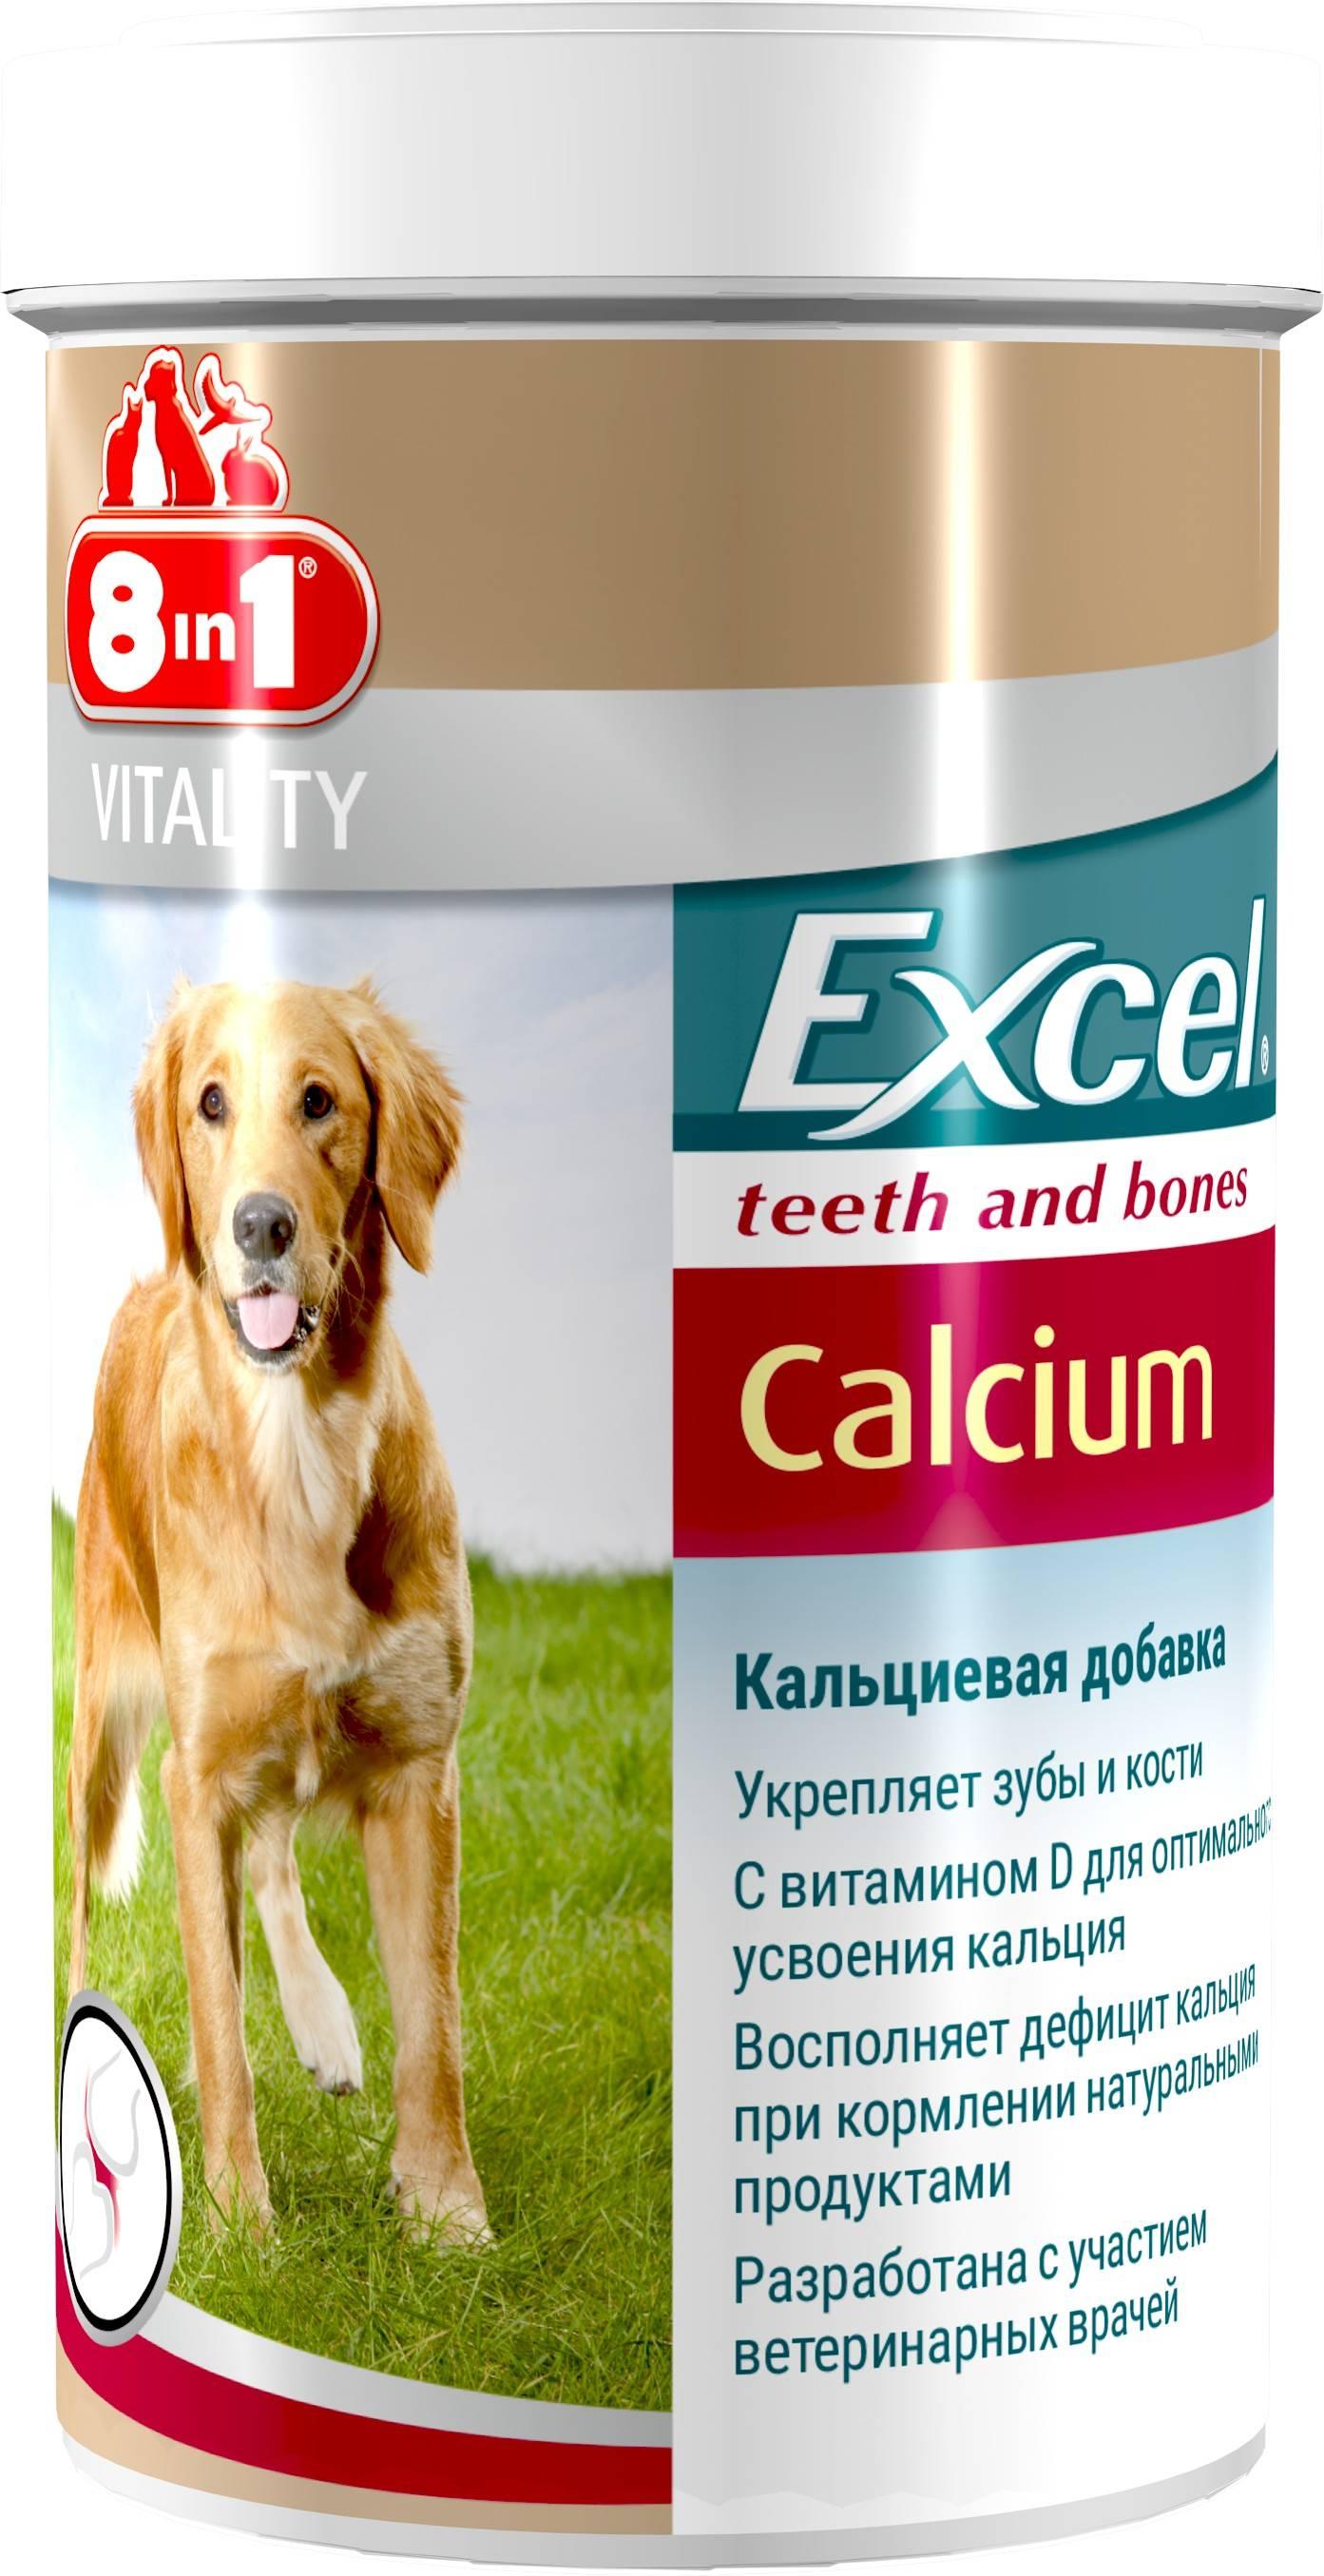 8in1 Calcium  кальциевая добавка для щенков и взрослых собак